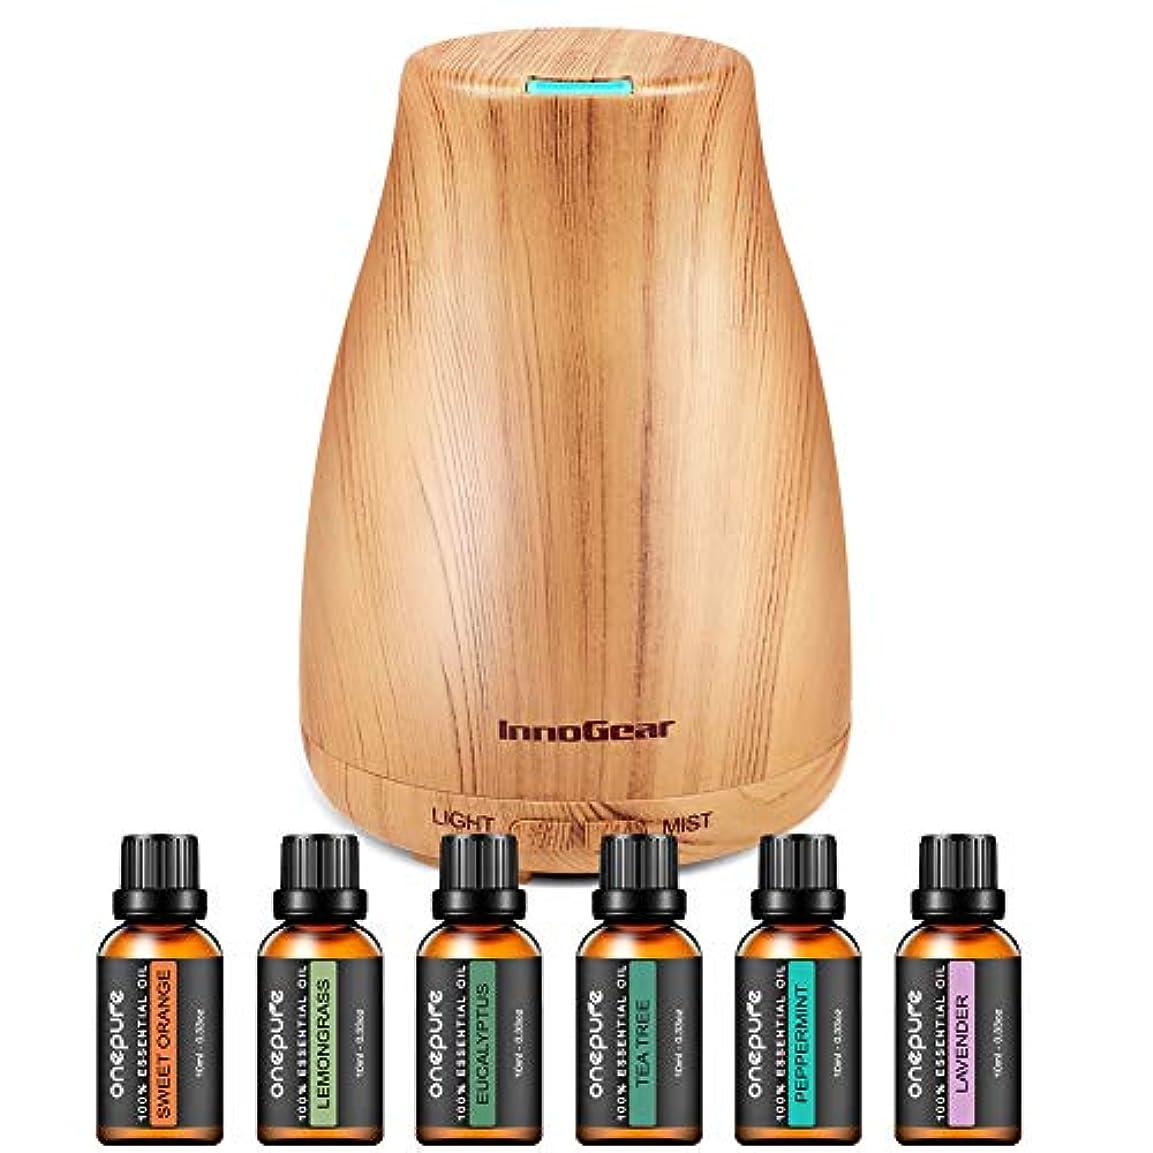 かんがいブロックするカジュアルinnoGear 6本 ボトル100%純粋なエッセンシャルオイルと150ミリリットルアロマディフューザー アップグレードし 7色 ギフトセット 香りクールミスト加湿器 家庭用 変更ライト 導きました イエロー